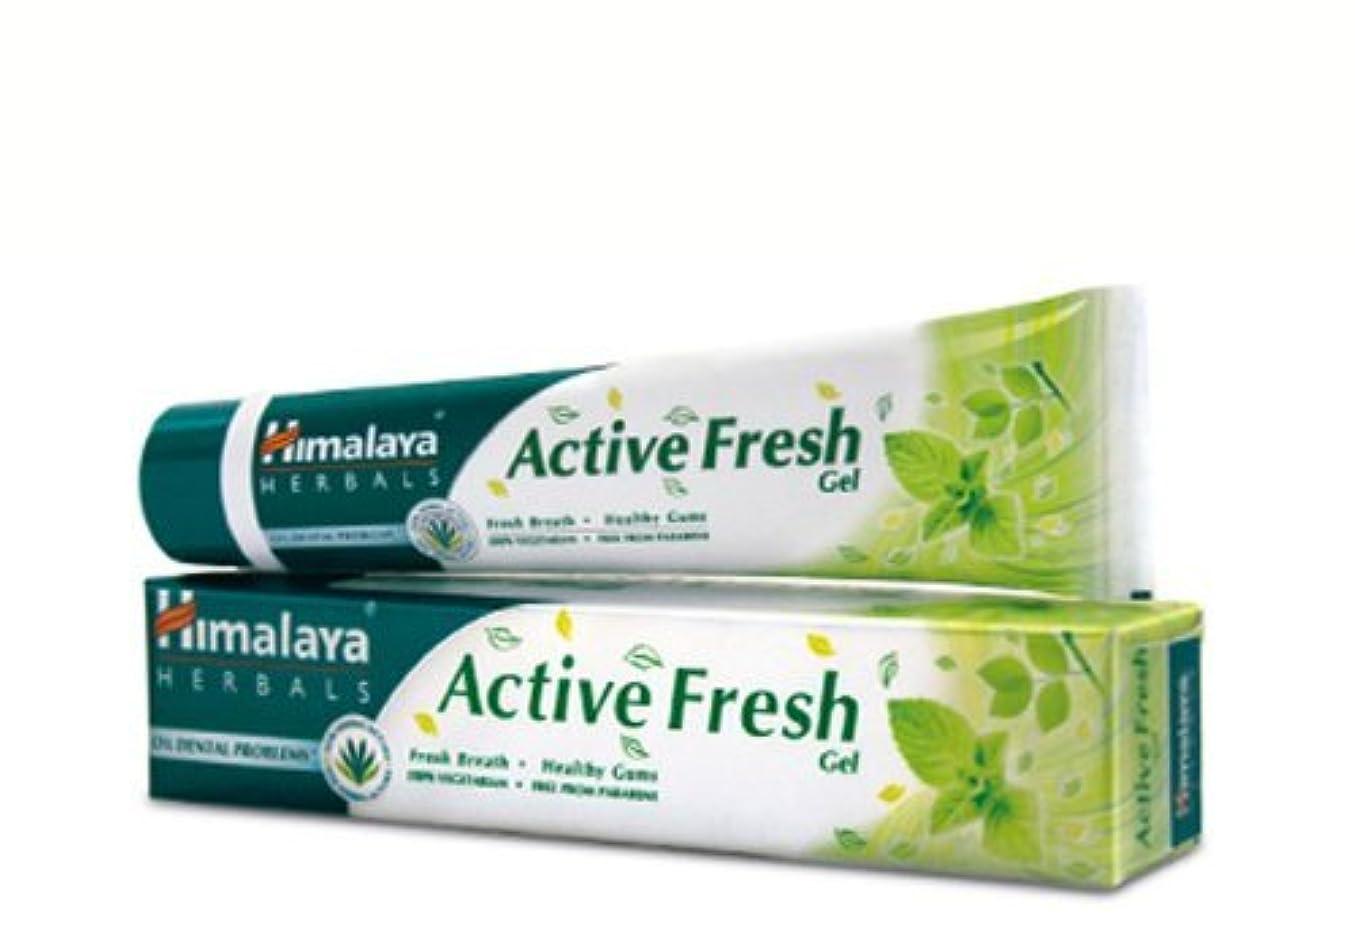 見えるブラザー膜ヒマラヤ トゥースペイスト アクティブ フレッシュ(歯磨き粉)80g×4本 Himalaya Active Fresh Toothpaste